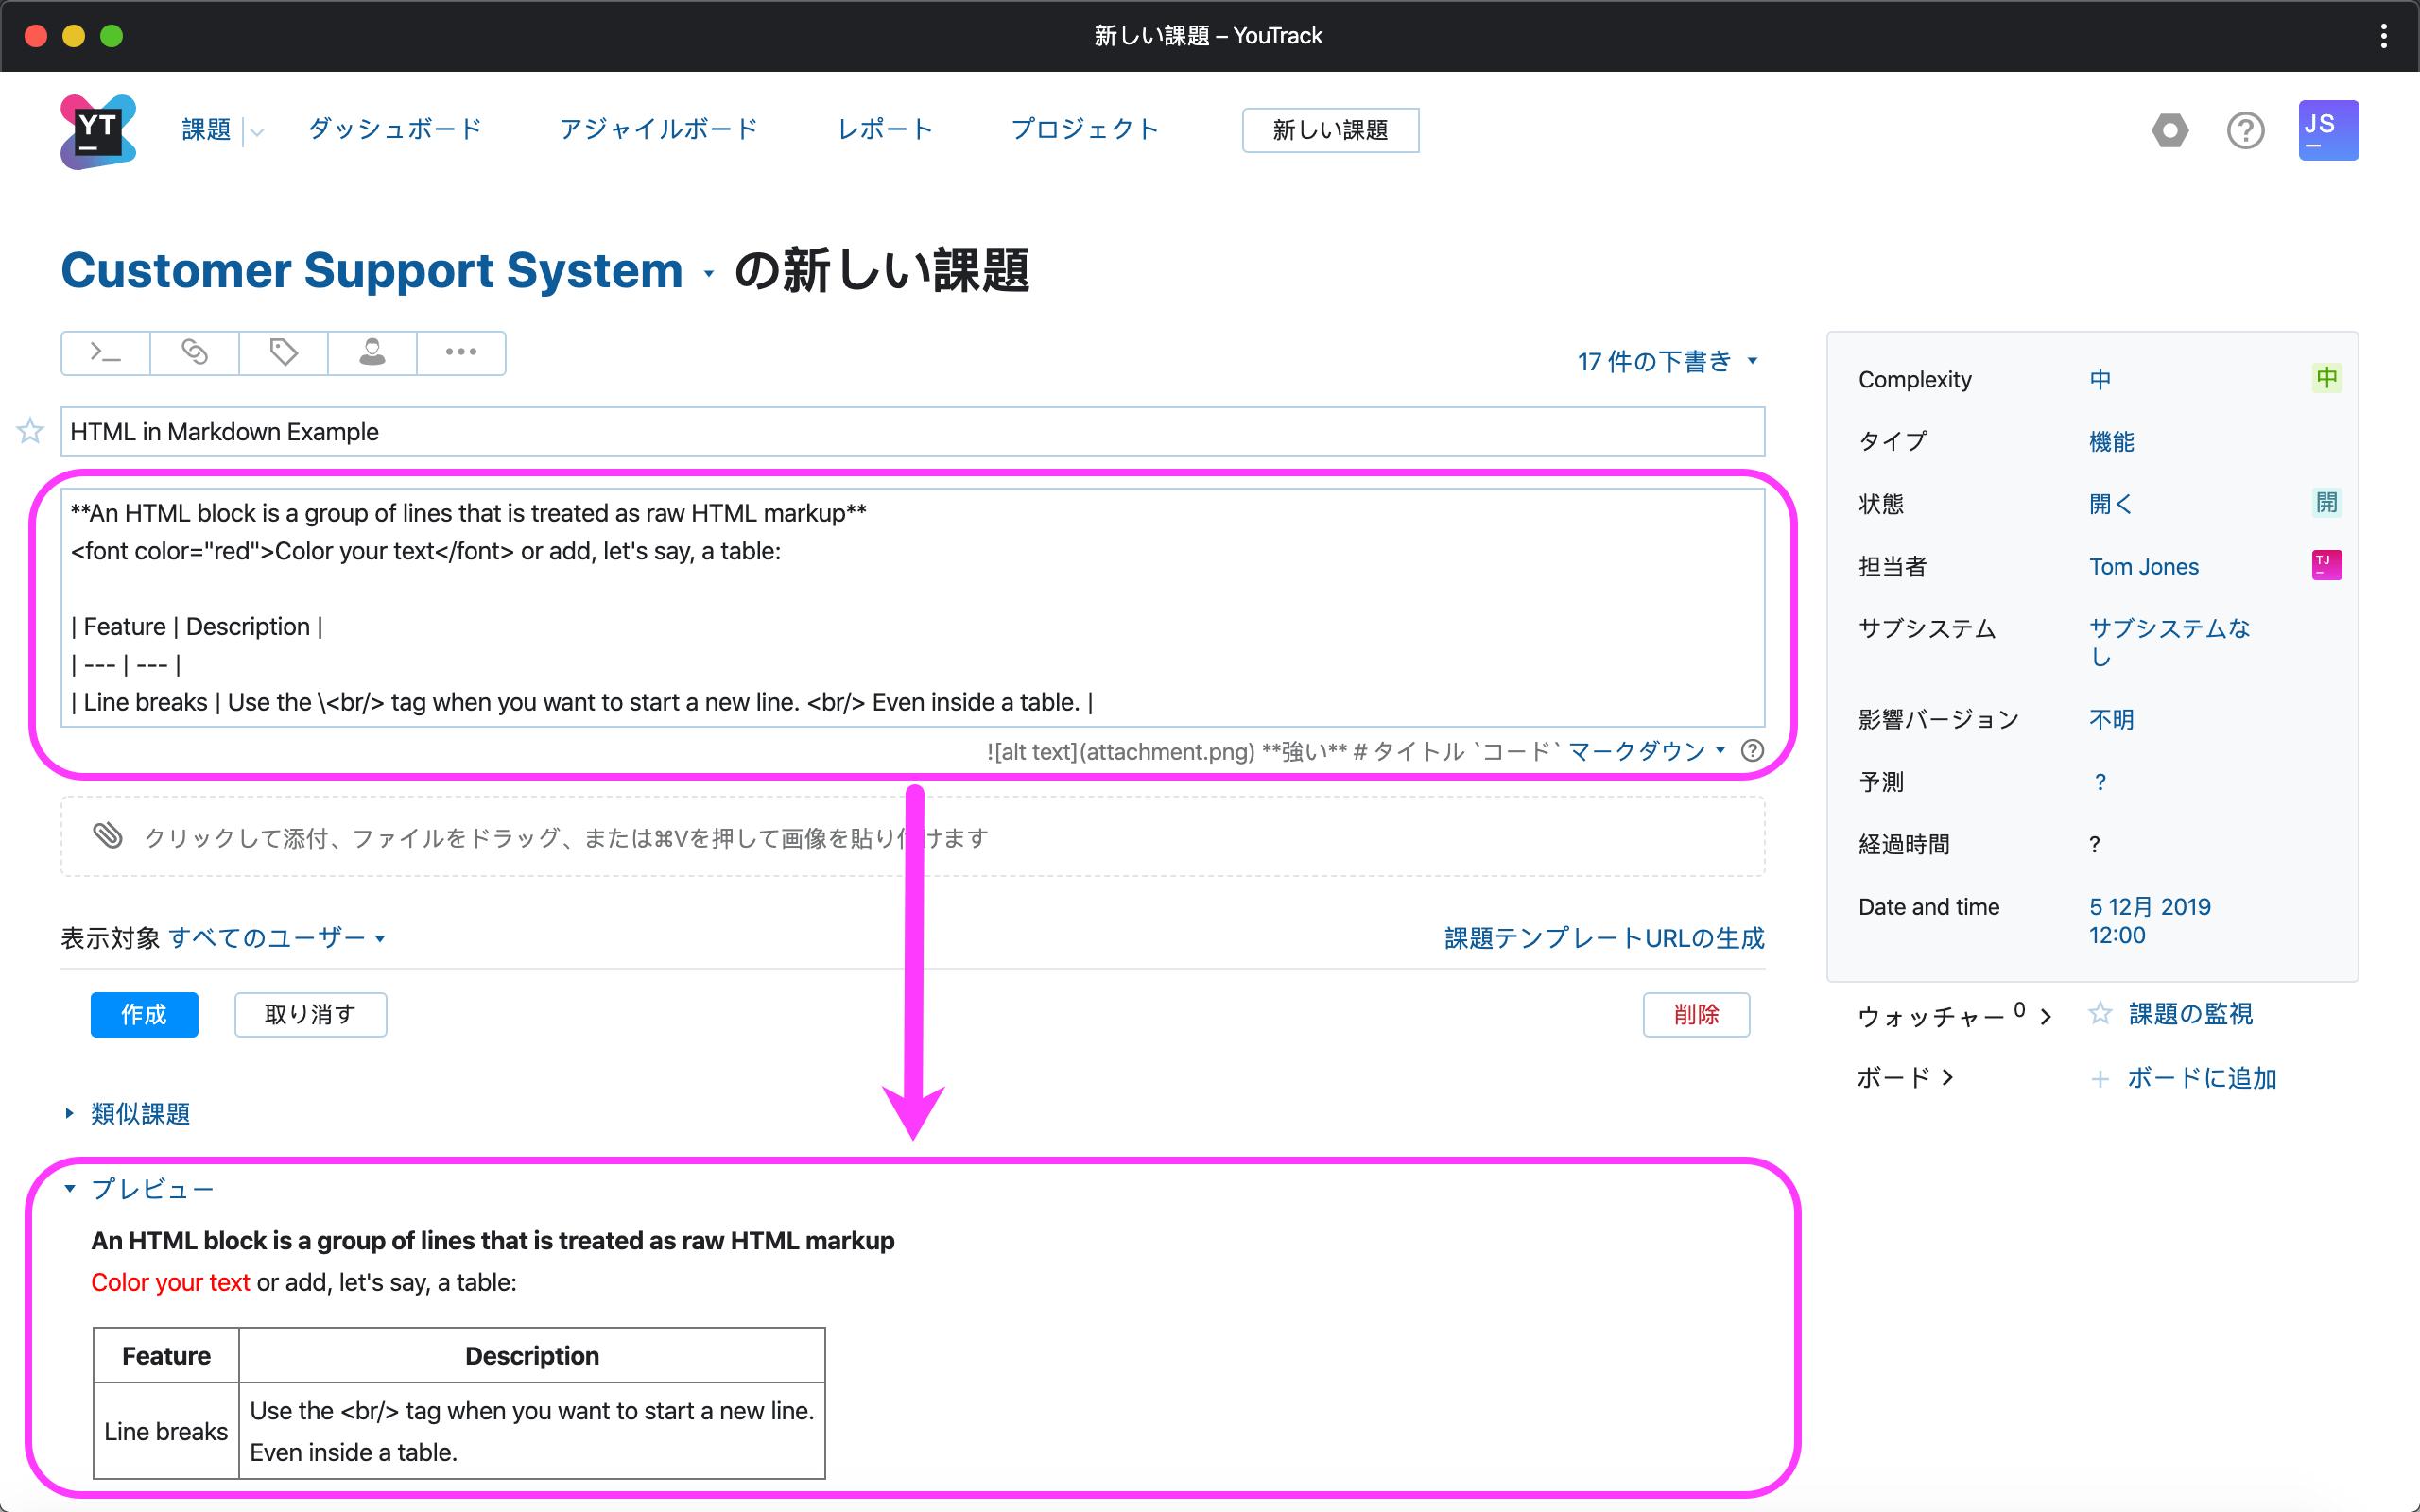 HTMLm_ja-jp